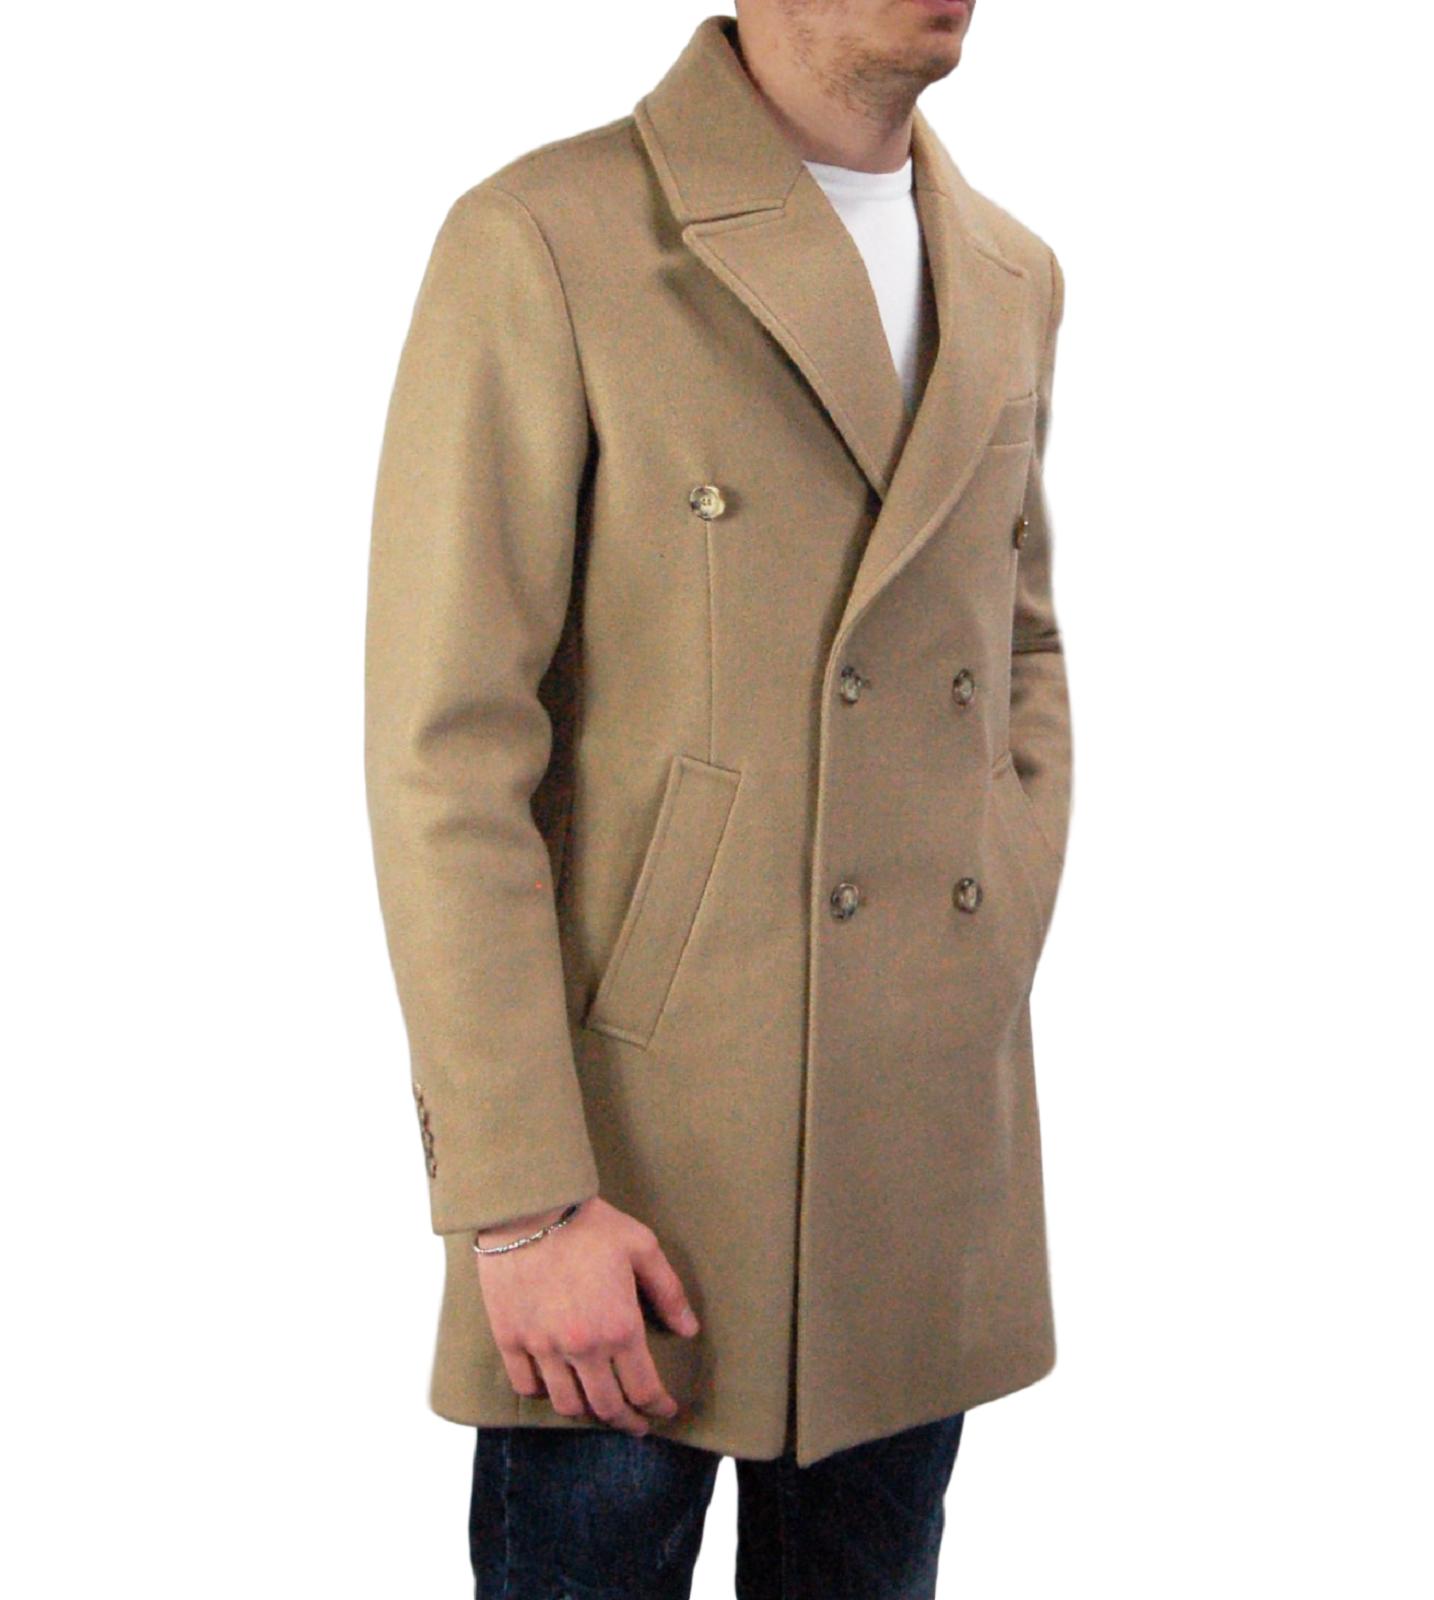 Cappotto-Doppio-Petto-Uomo-Invernale-Cappottino-Elegante-Lungo-Trench miniatura 22